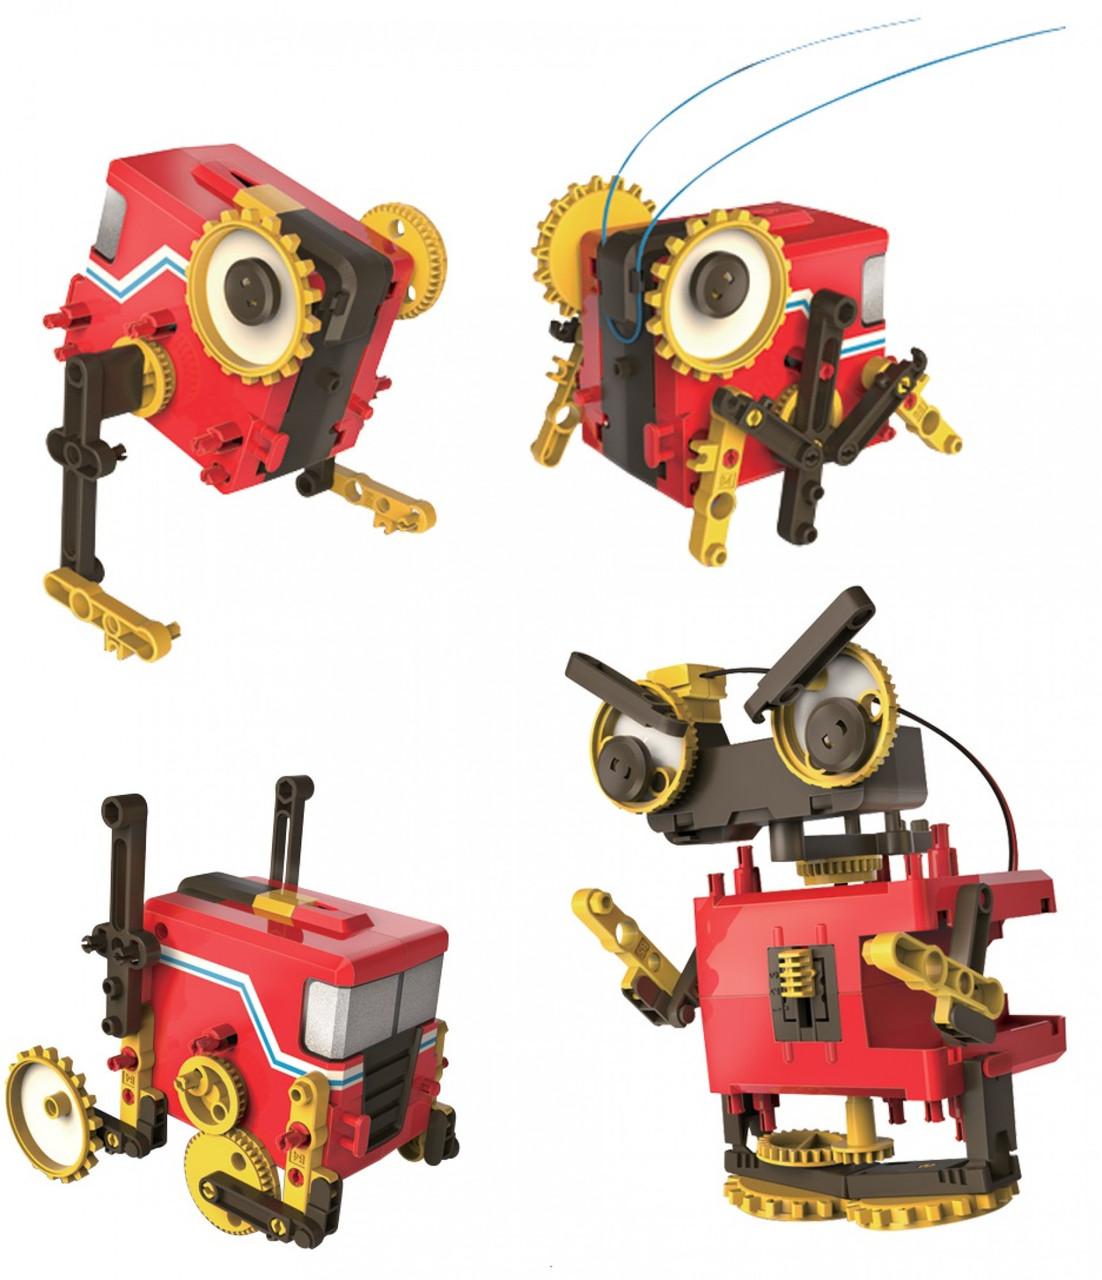 Конструктор Робот 4в1 / ROBOT 4in1 «CIC» (CIC 21-891)